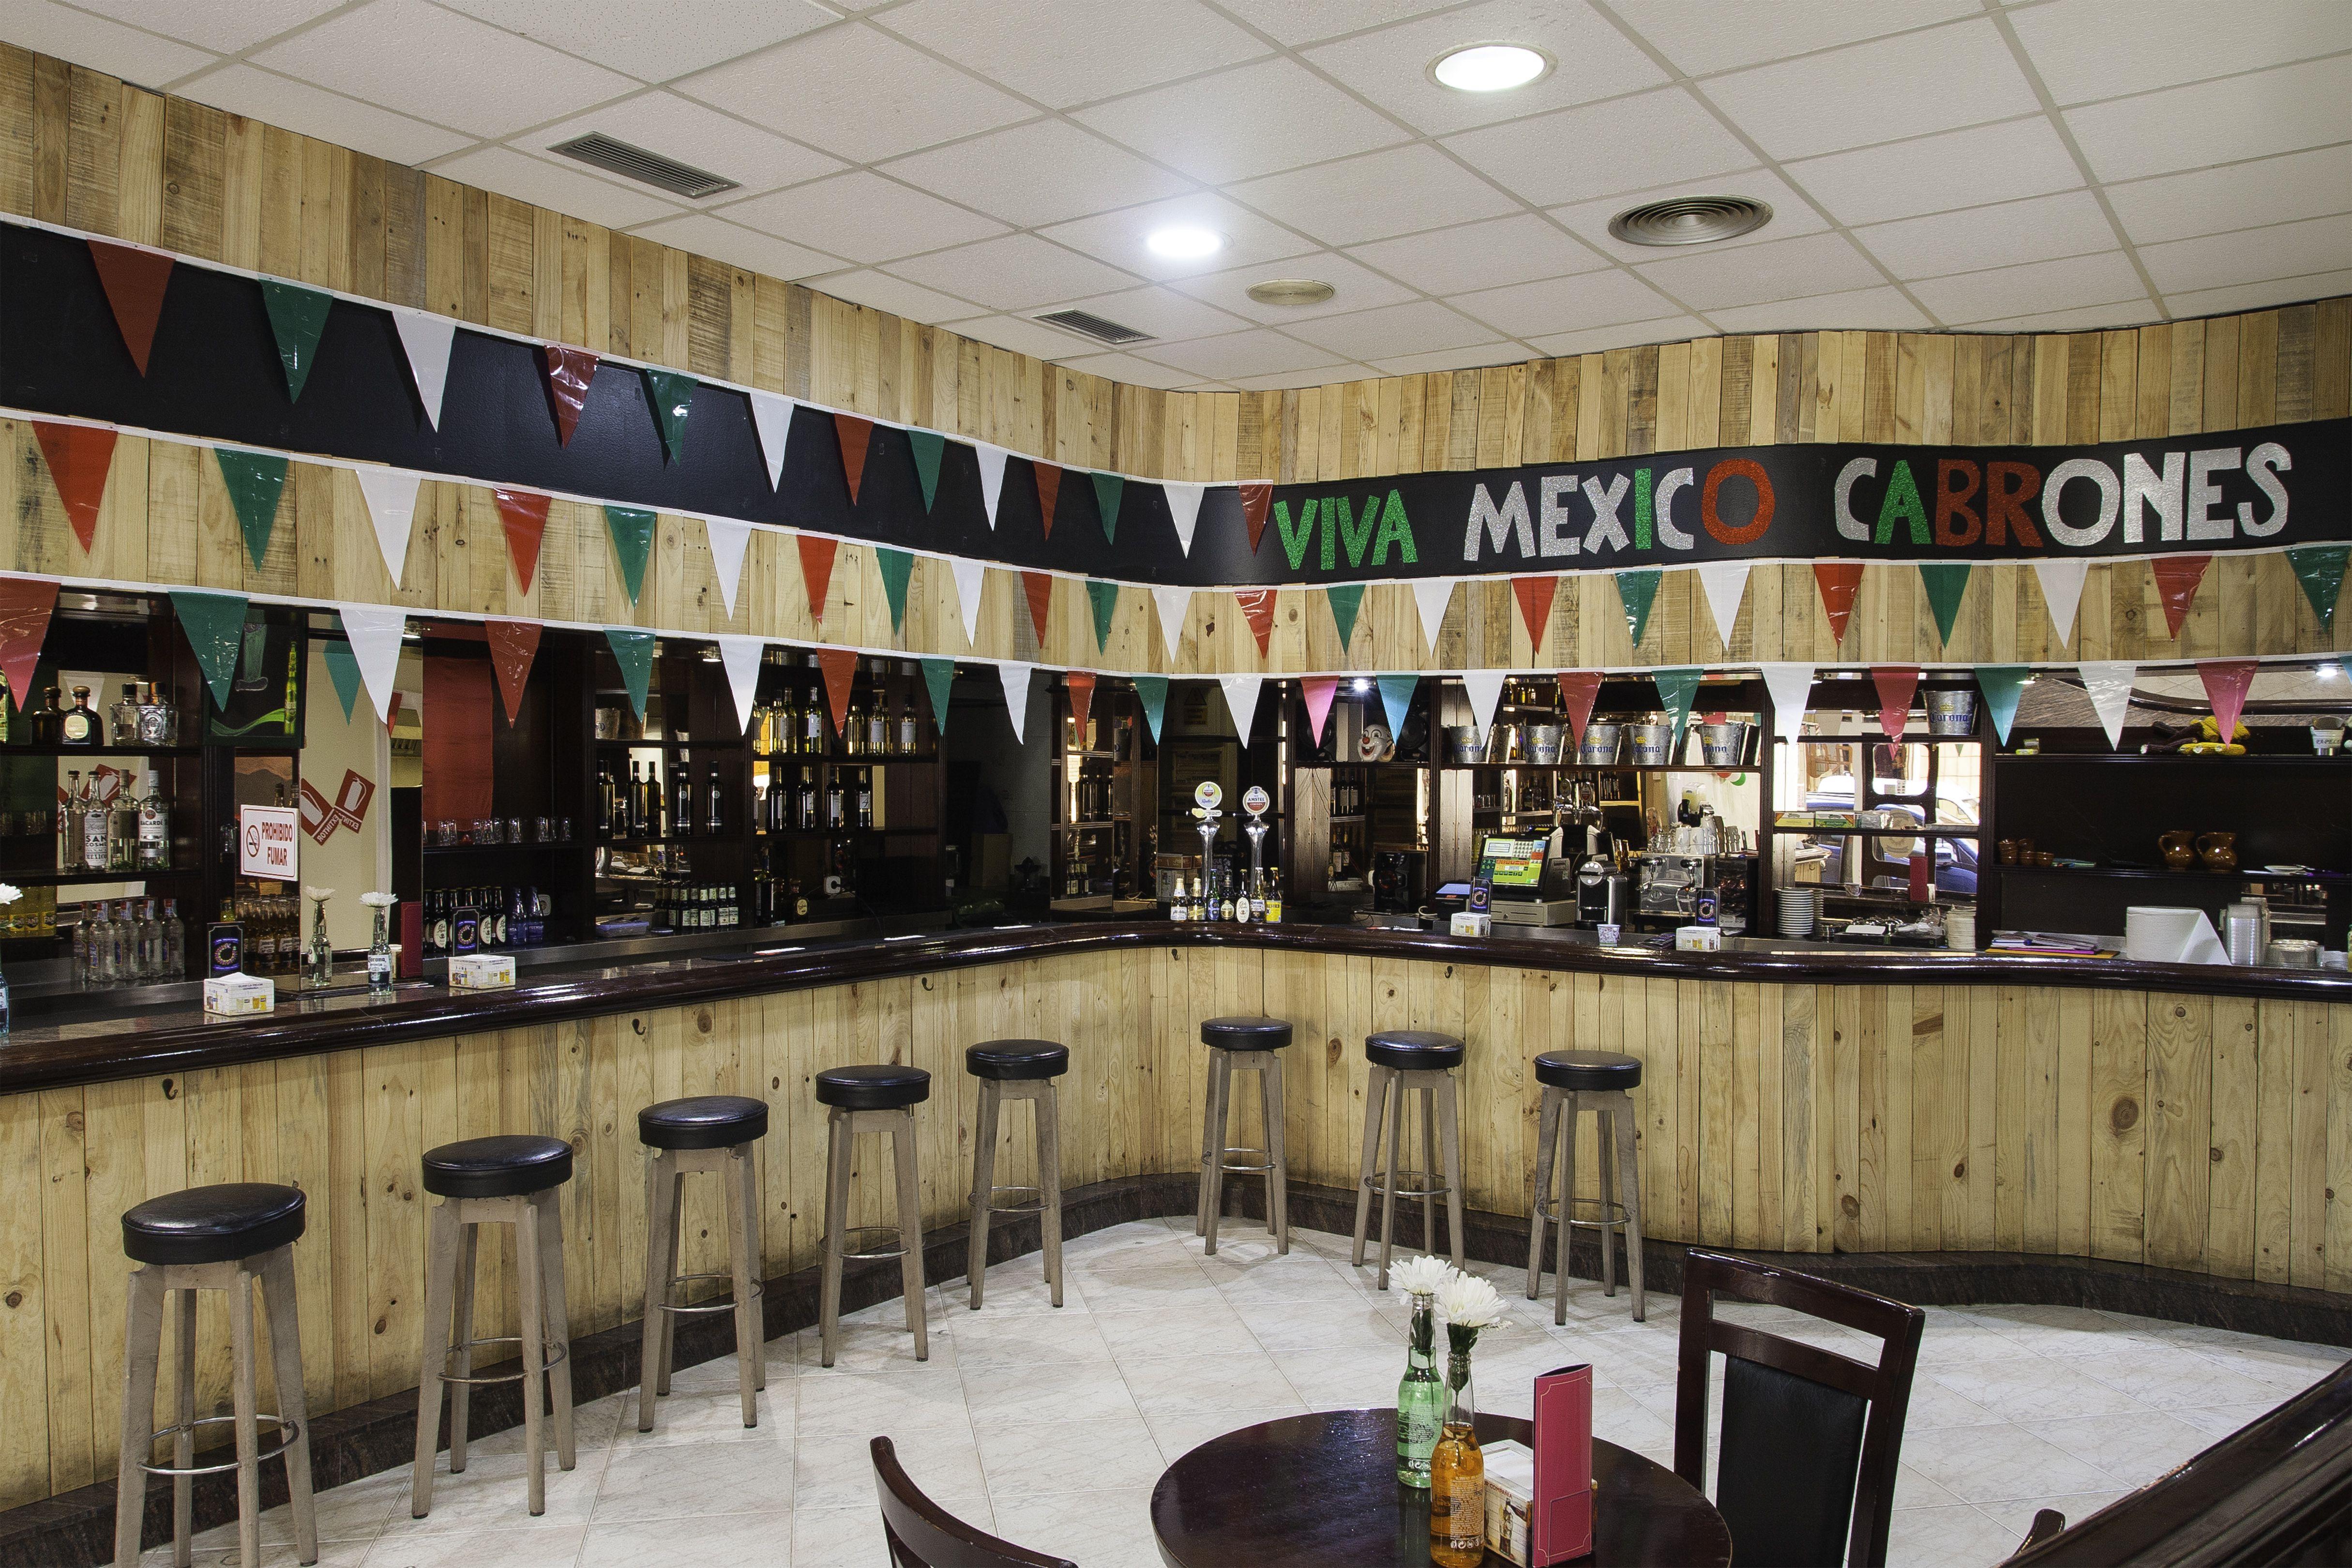 Barra Los Mexicanos Restaurante